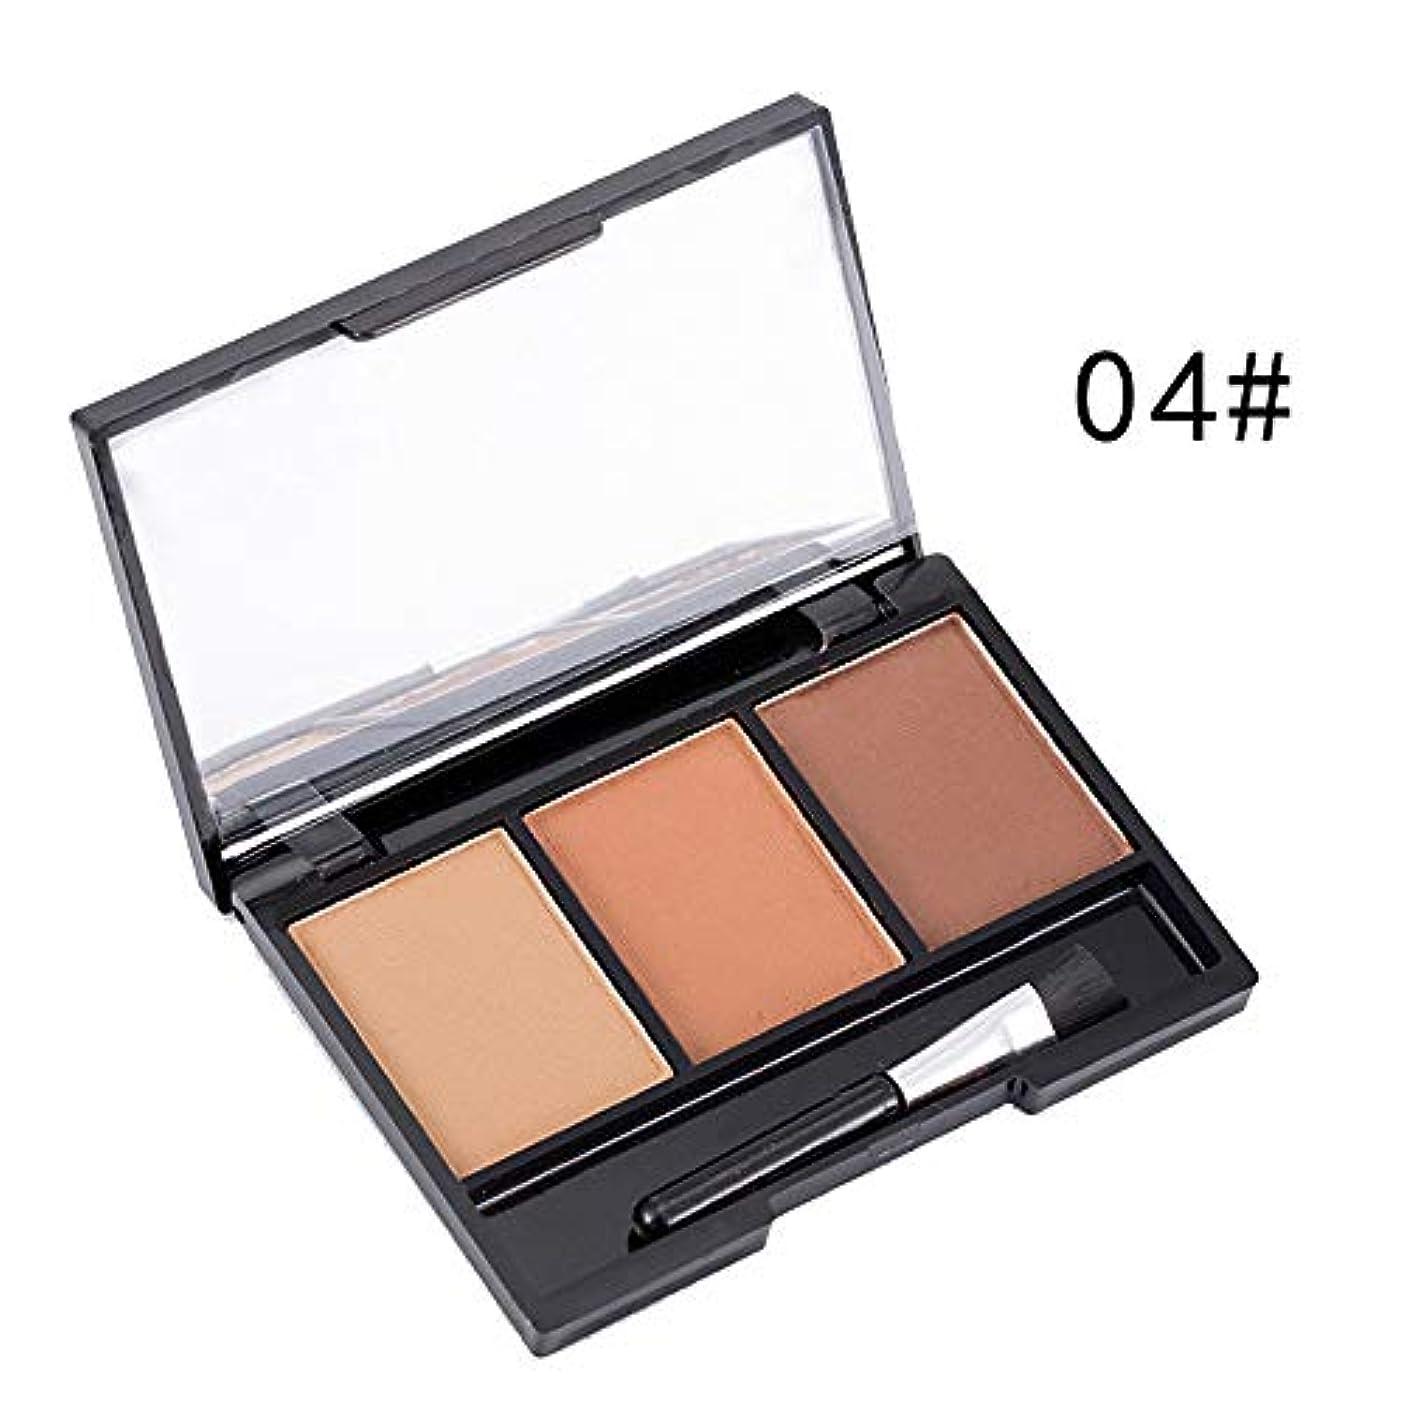 Akane パウダーアイブロウパレット SR MAKE UP 綺麗 人気 ファッション 魅力的 眉 自然 パウダーアイブロウ ぼかしない チャーム 防水 長持ち おしゃれ 持ち便利 Eye Shadow (3色) ES021